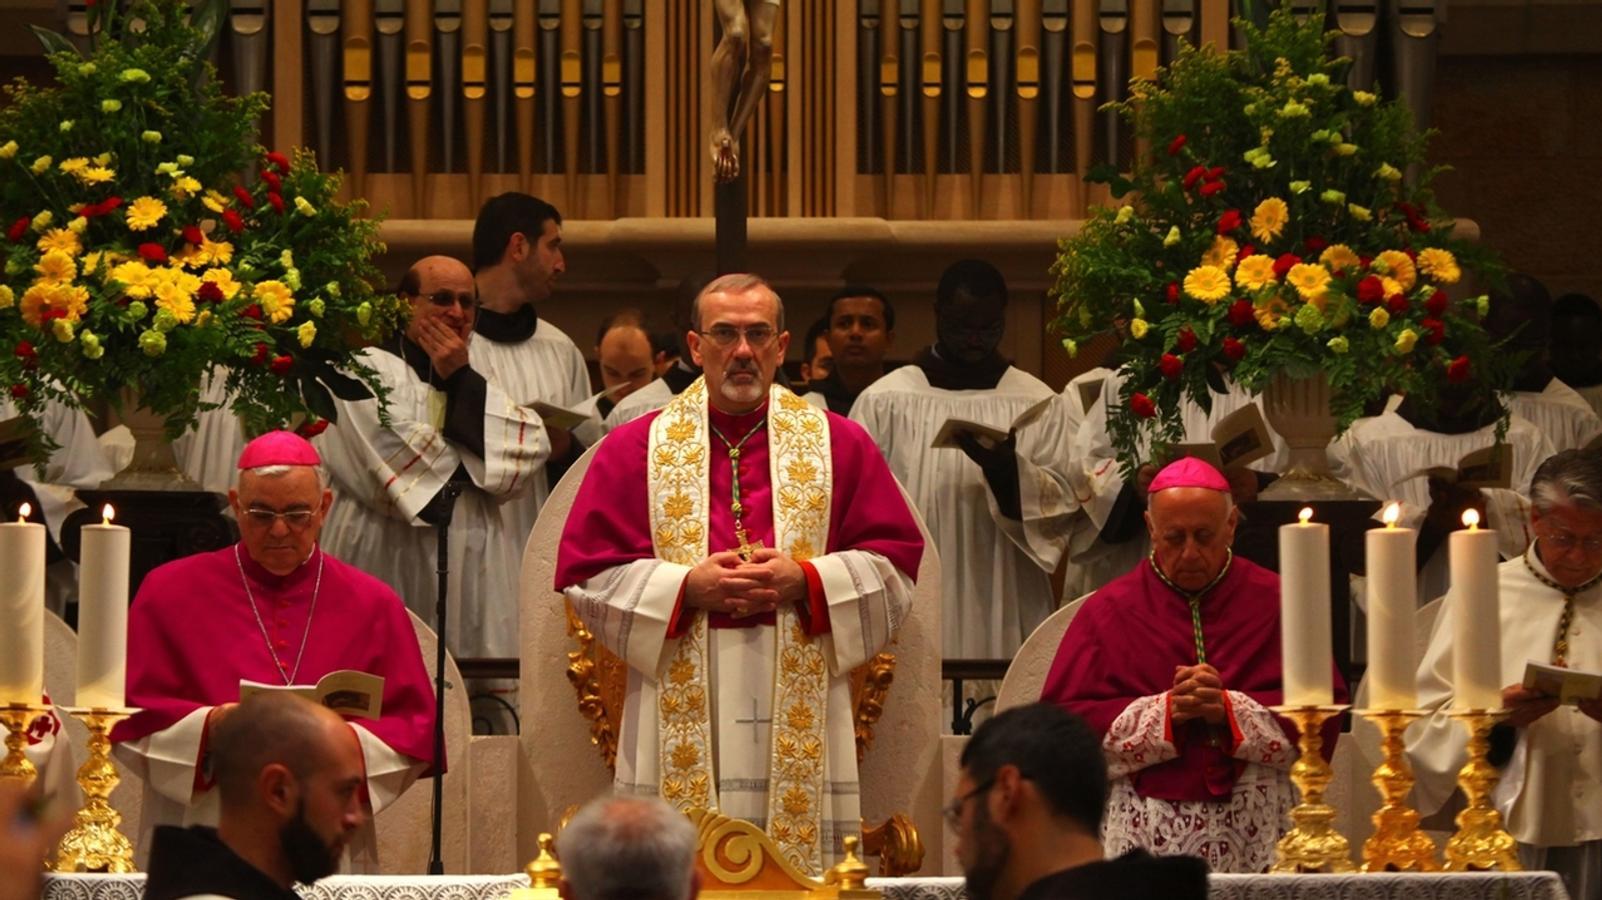 Weihnachten Im Christentum.Weihnachten In Bethlehem Zwischen Gottesdienst Und Krise Br24